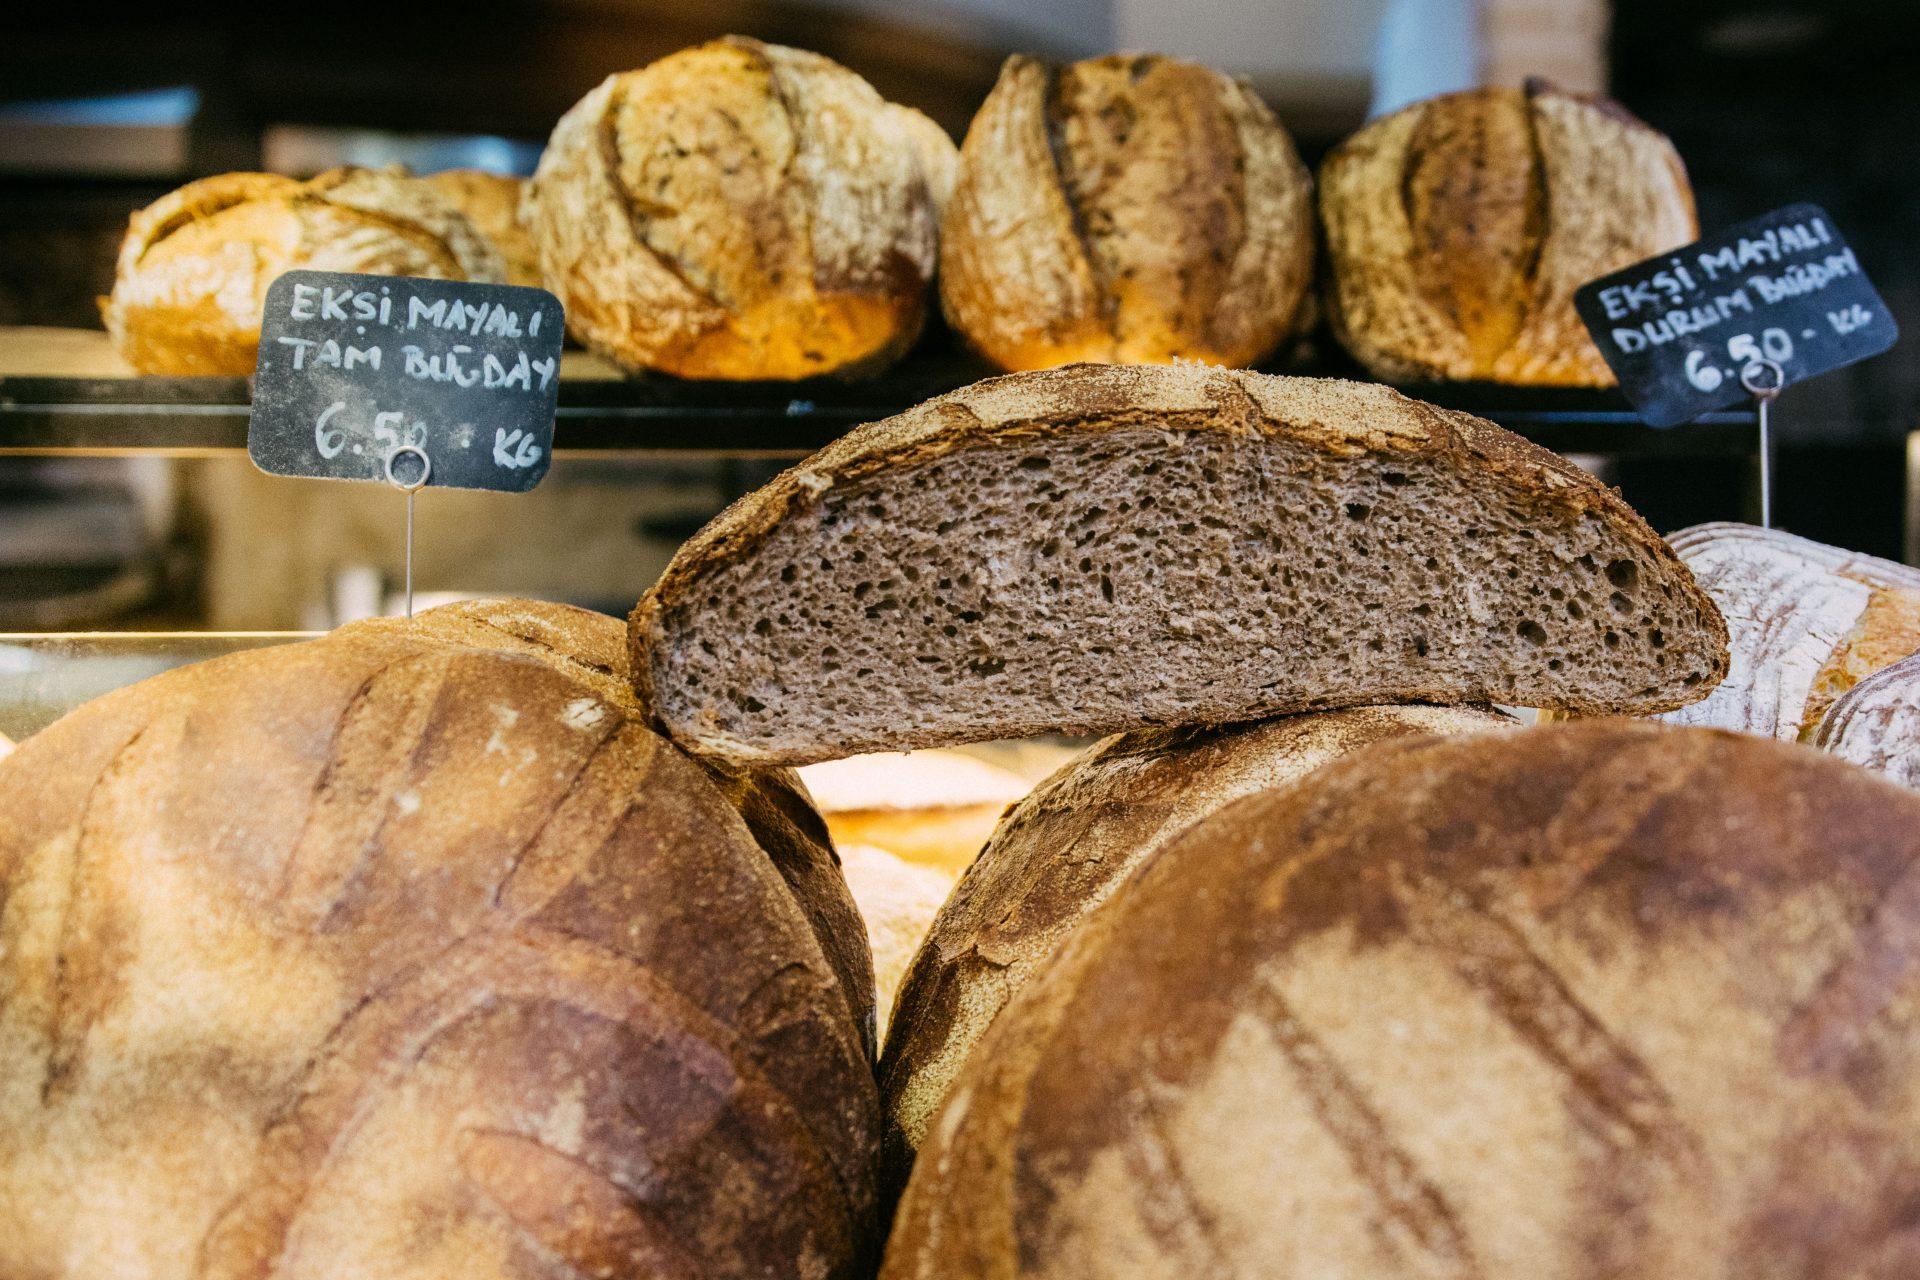 Pasto'da ekşi mayalı ekmekler